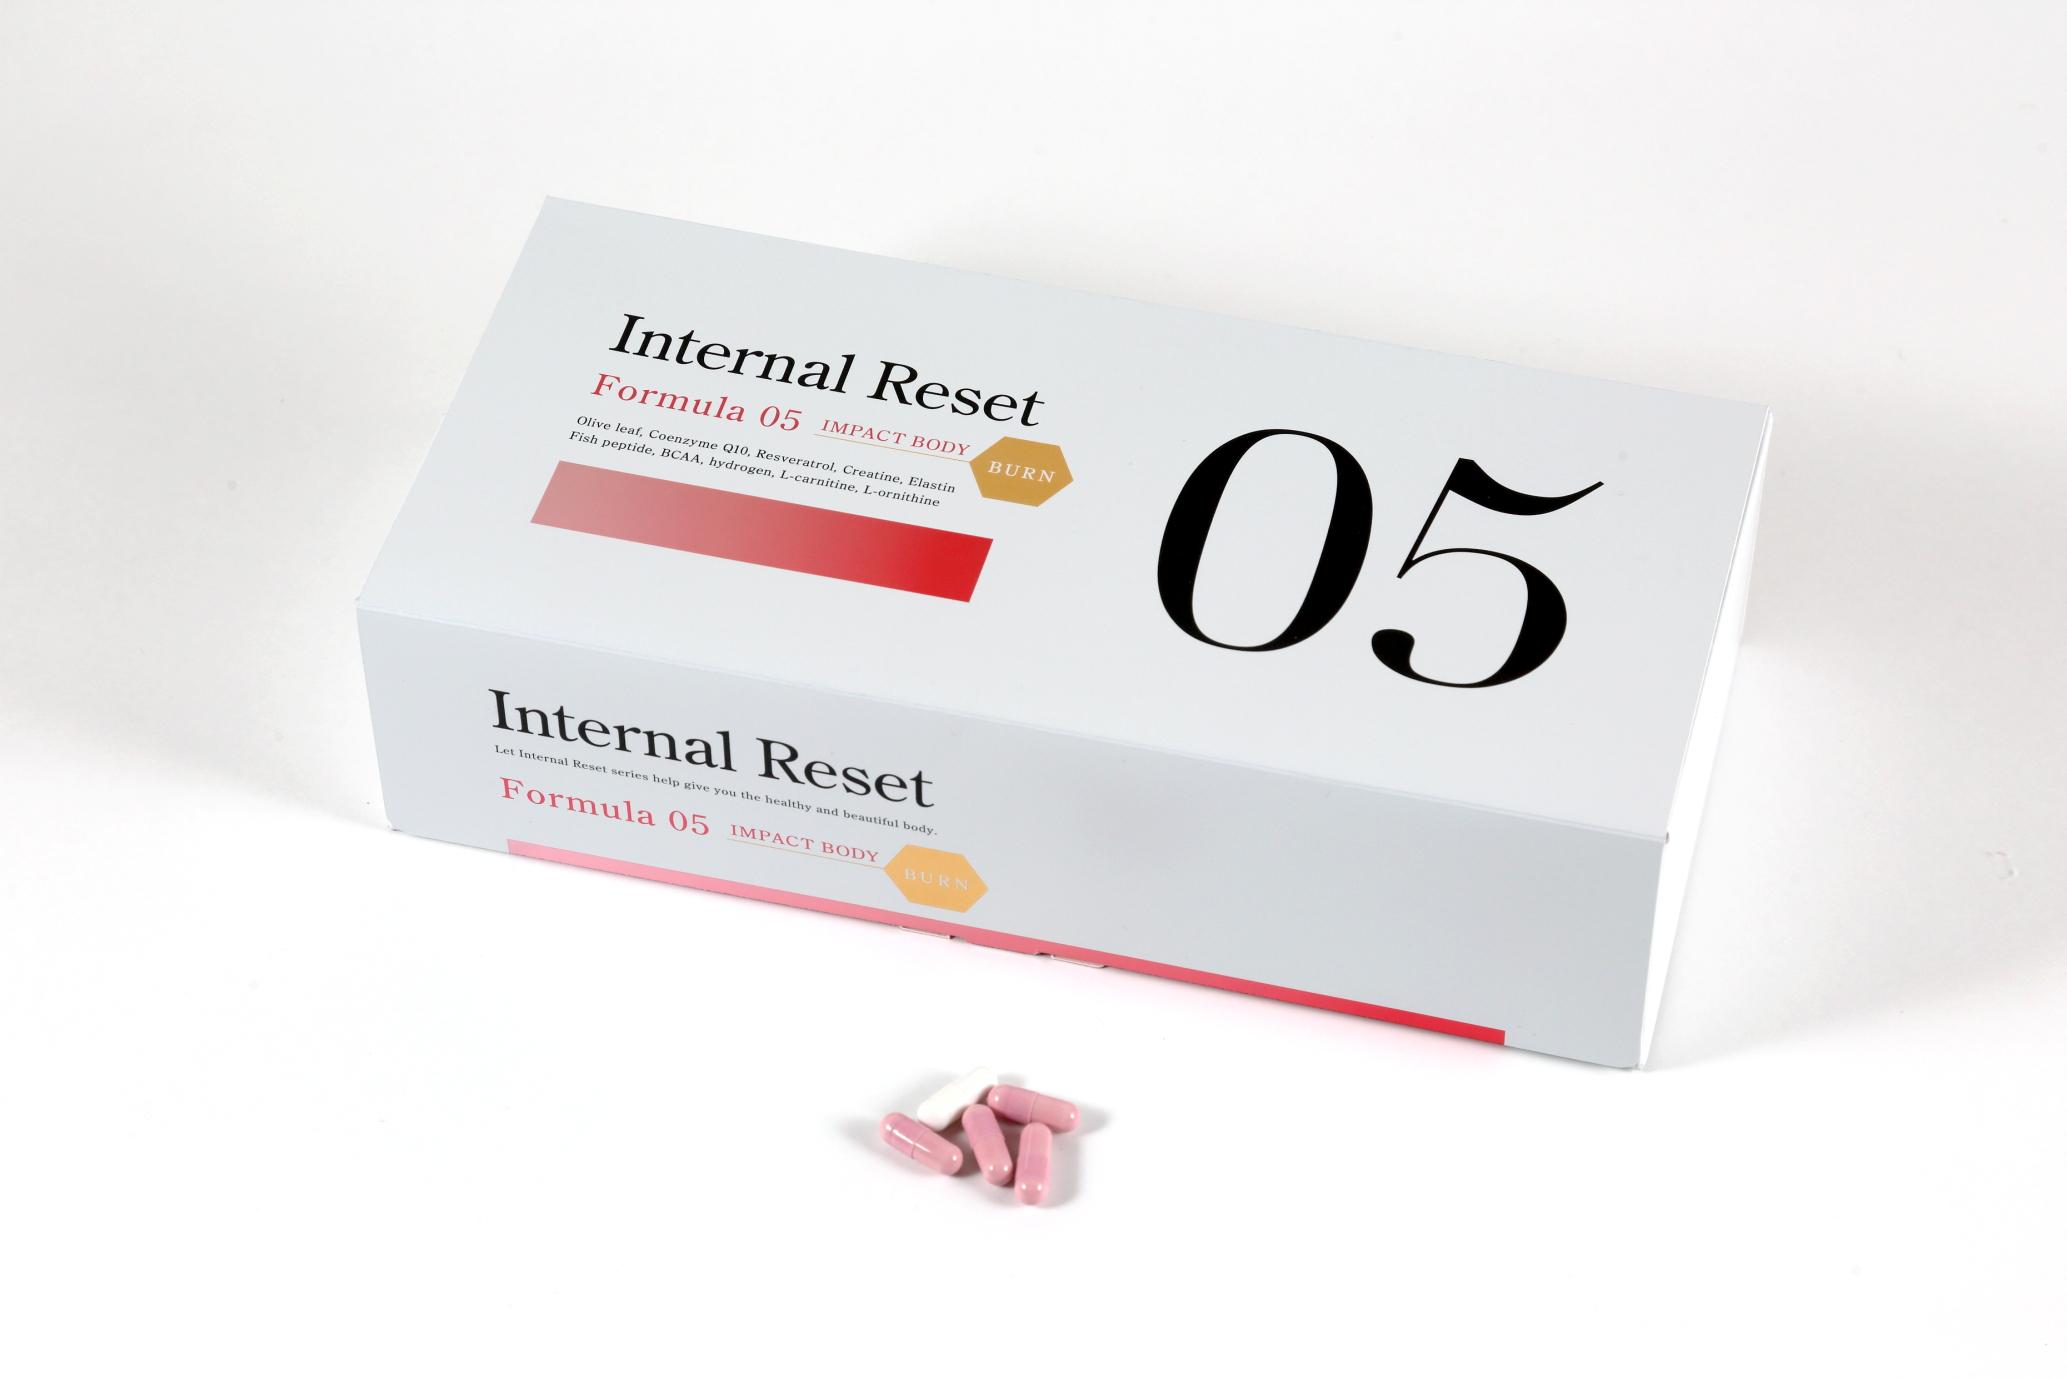 インターナルリセット フォーミュラ05 インパクトボディ バーン